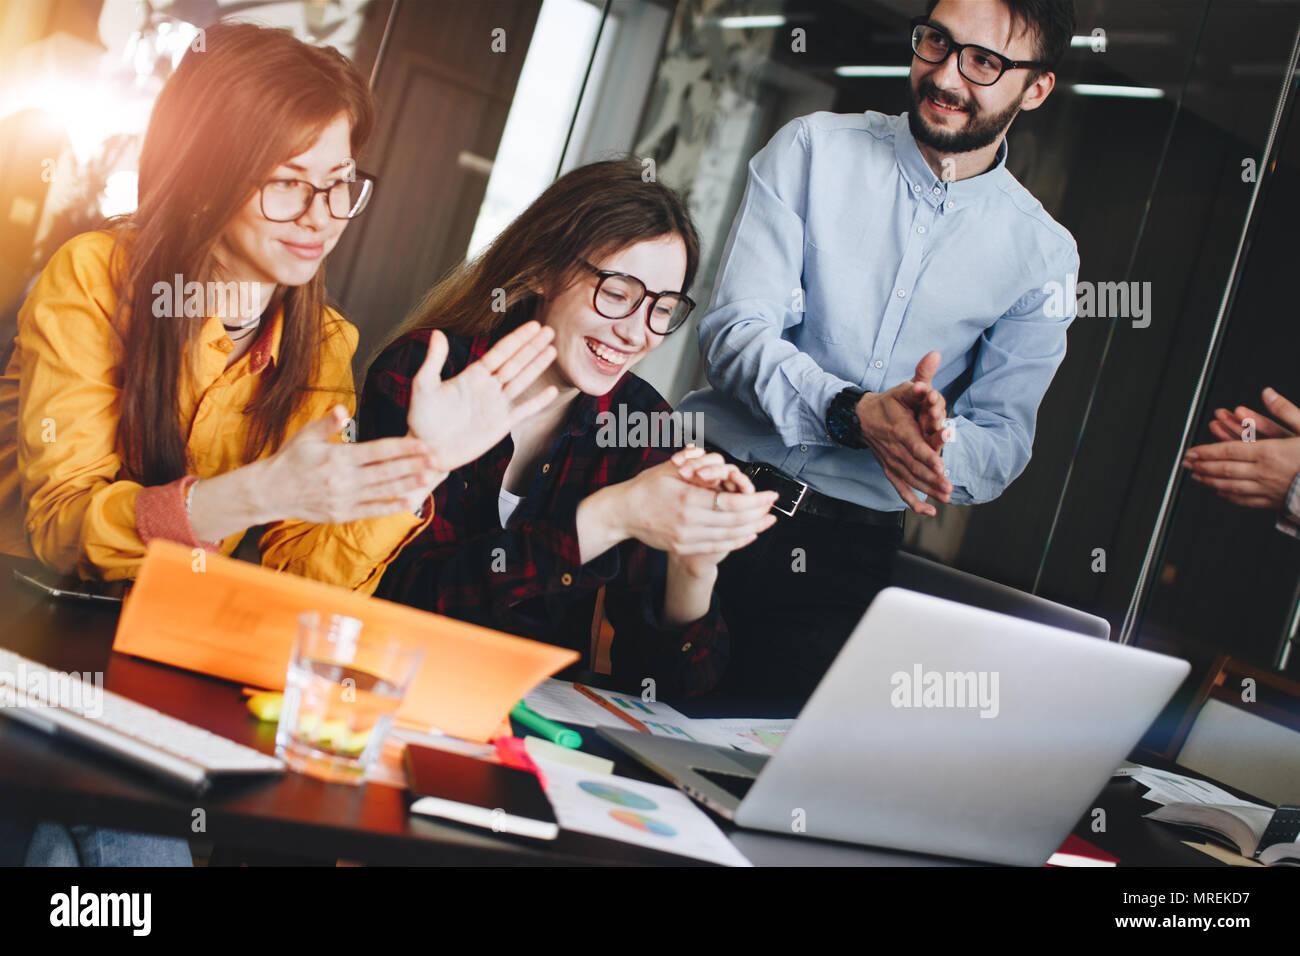 Grupo de socios aplaudiendo reporter después de enseñar en la habitación Loft moderno. Aplausos después de la conferencia. Coworking team Foto de stock